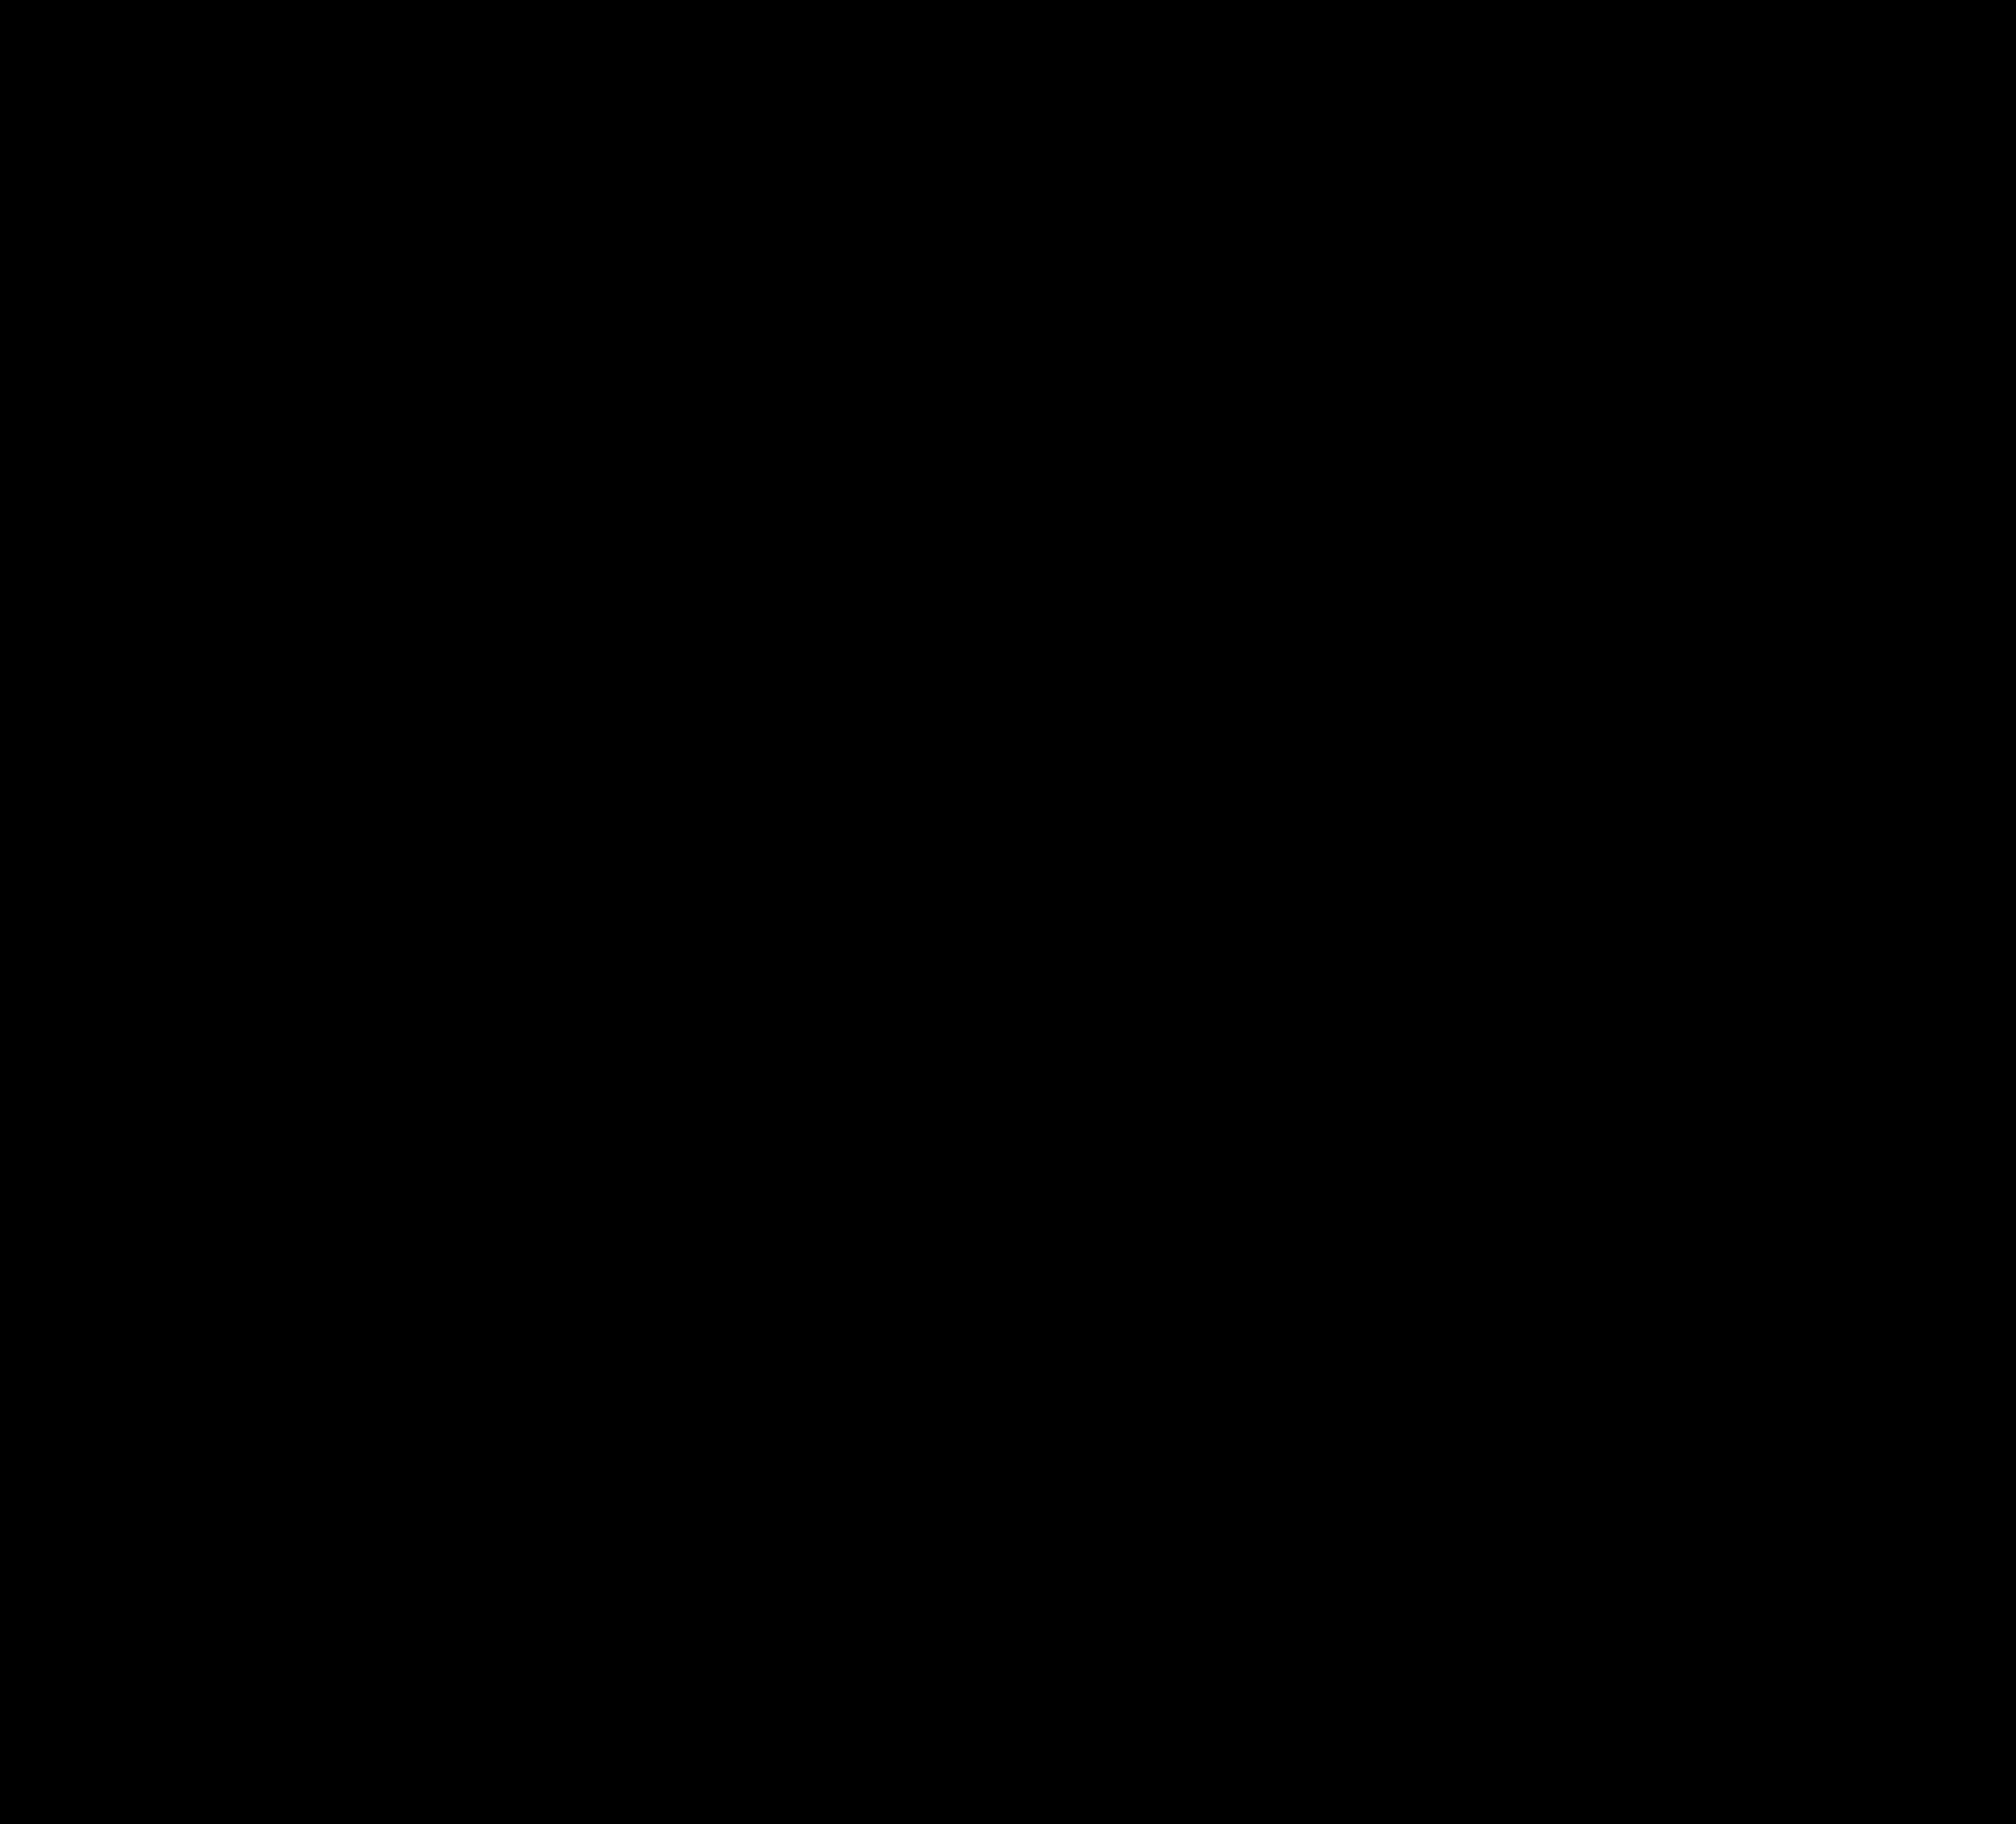 【半島青年商會】誠邀你參與樂聚半島非凡50呈獻「健康紅人 Mission R.E.D.」- 問卷調查